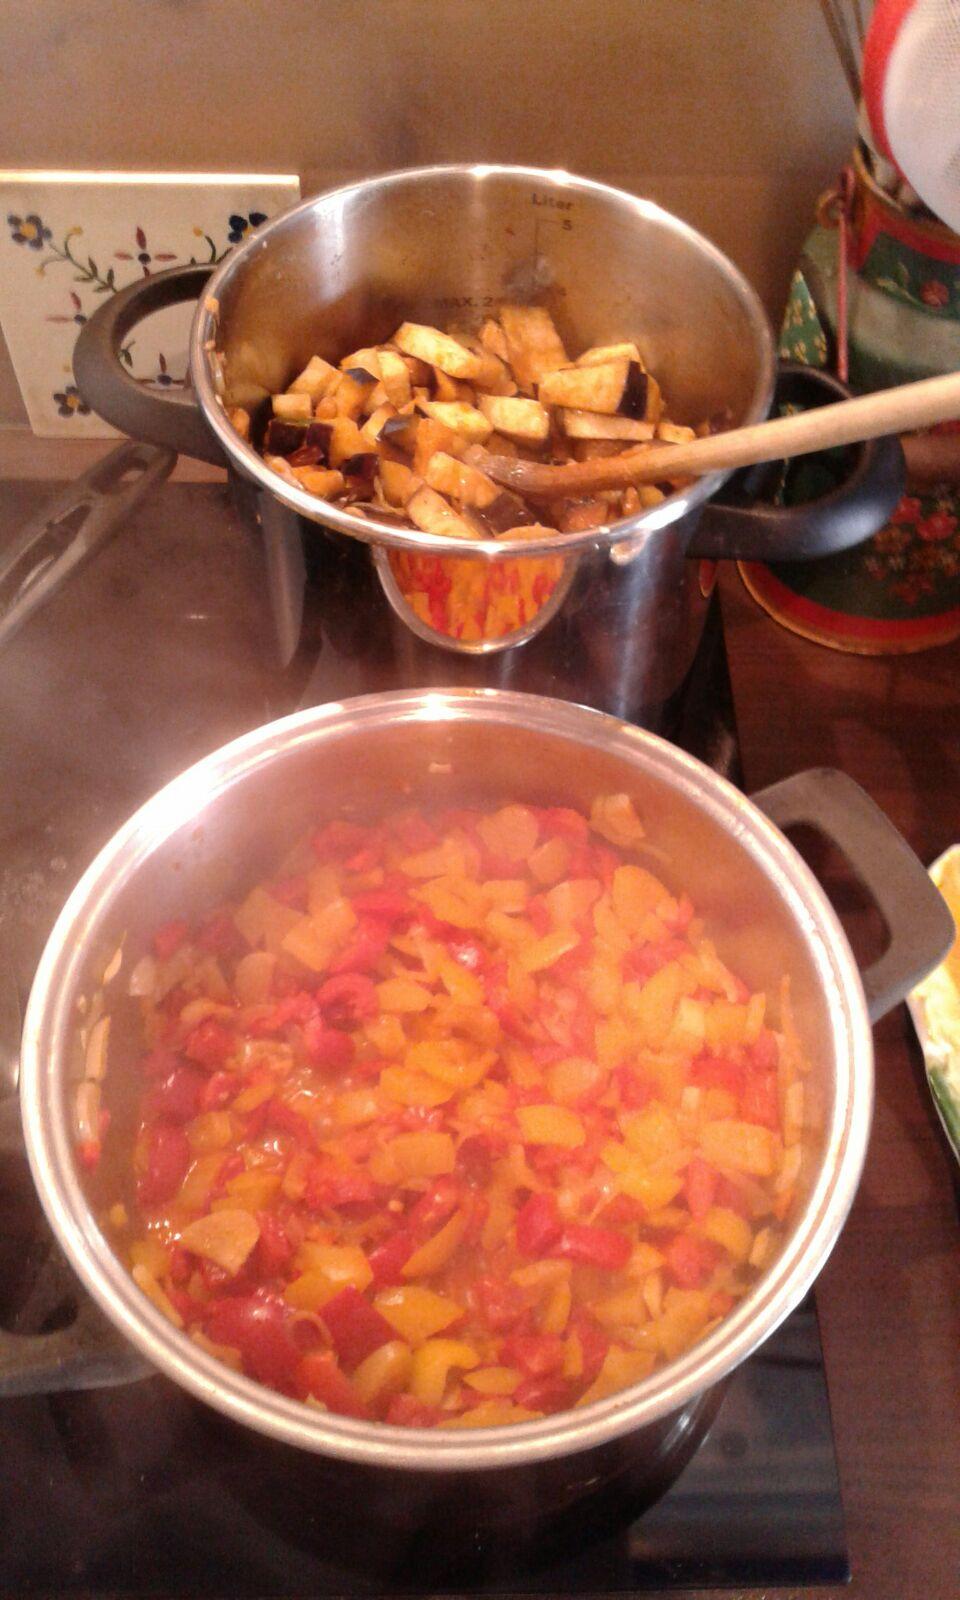 Kiloweise feines Gemüse geschnippelt und verkocht für die vegetarische Speise, dem Gemüsestrudel!